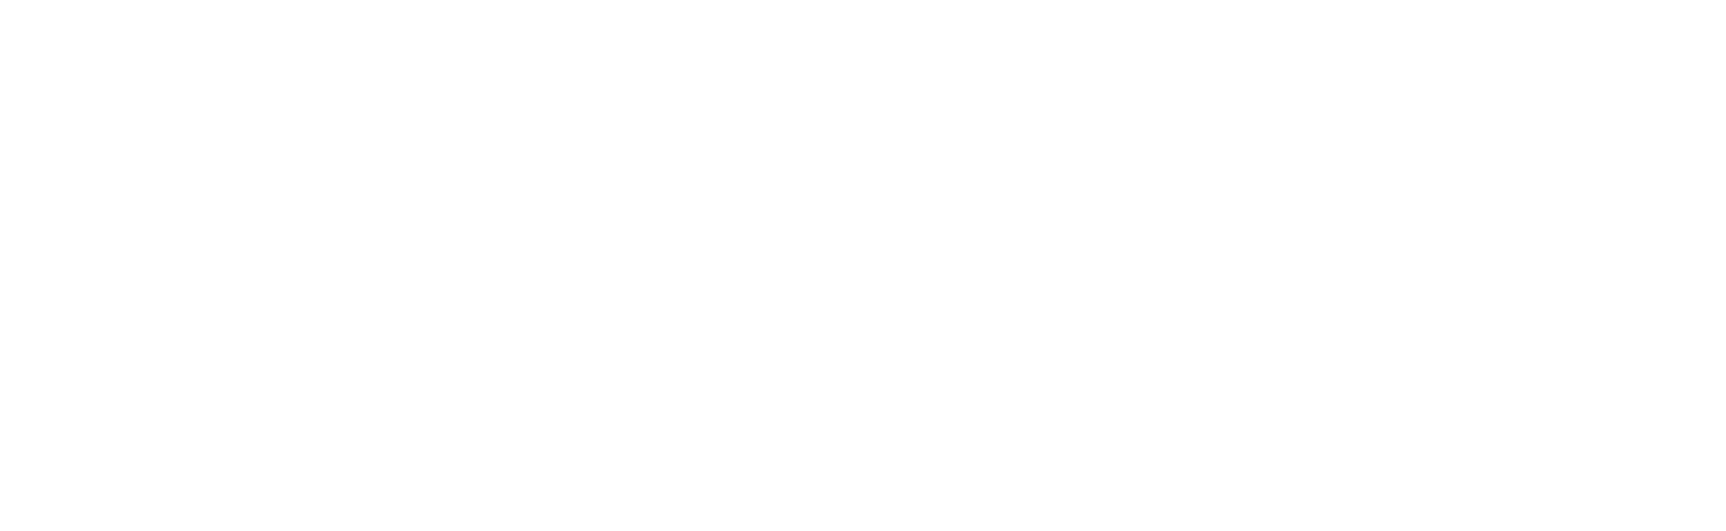 The Bradberry